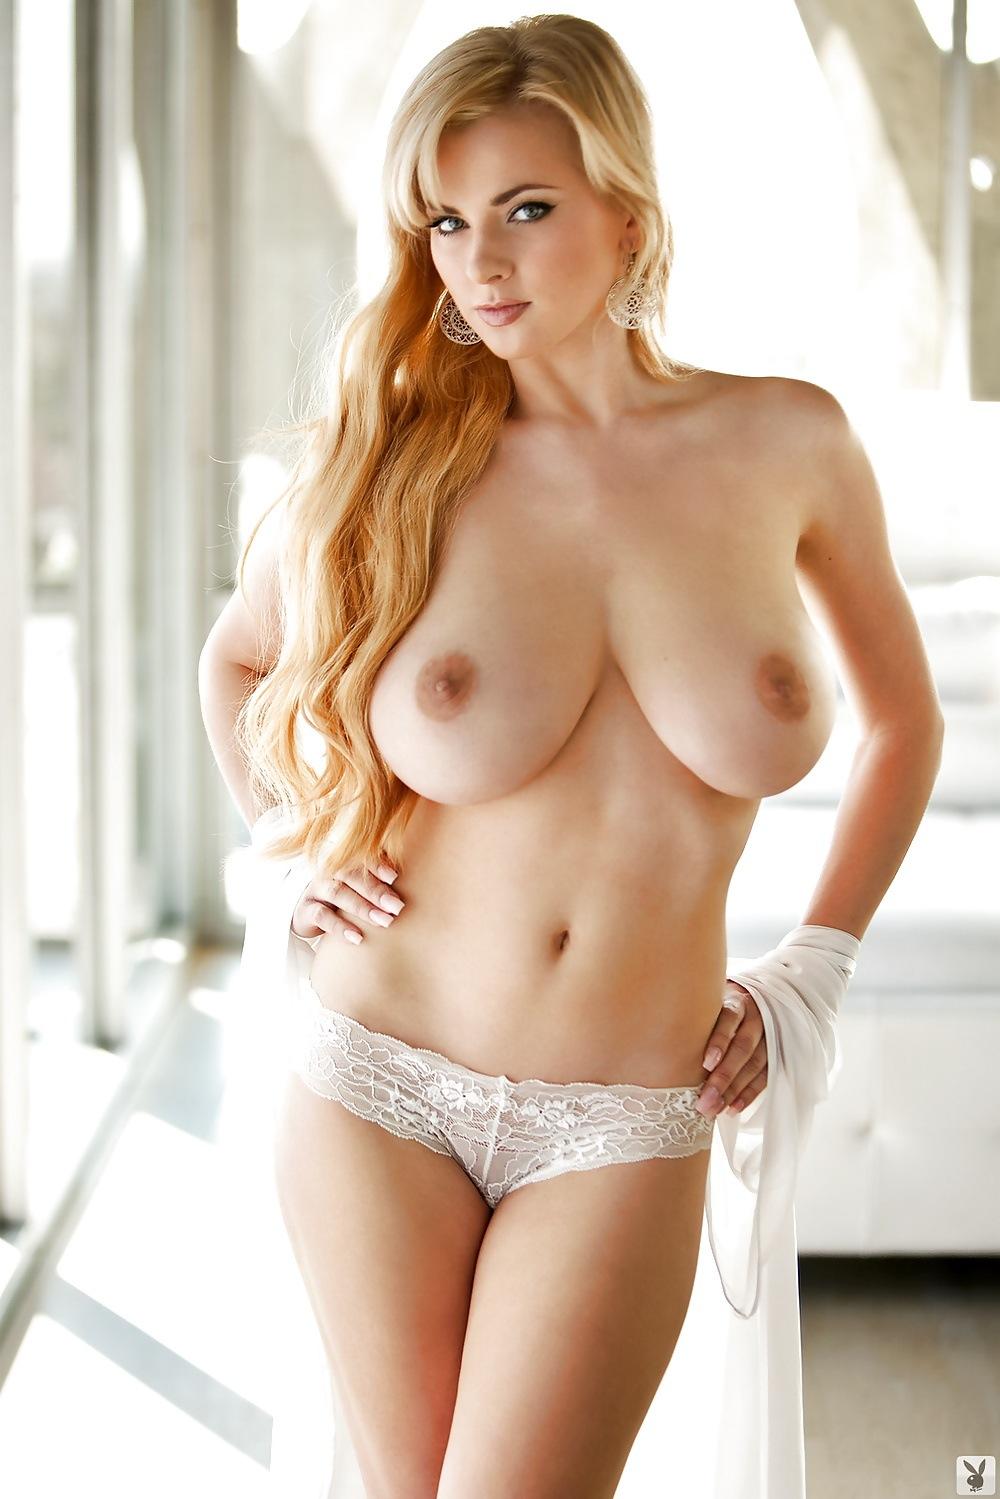 【海外エロ画像】巨乳で細くて肌も綺麗って…反則すぎるだろ外人のお姉さんwww 20